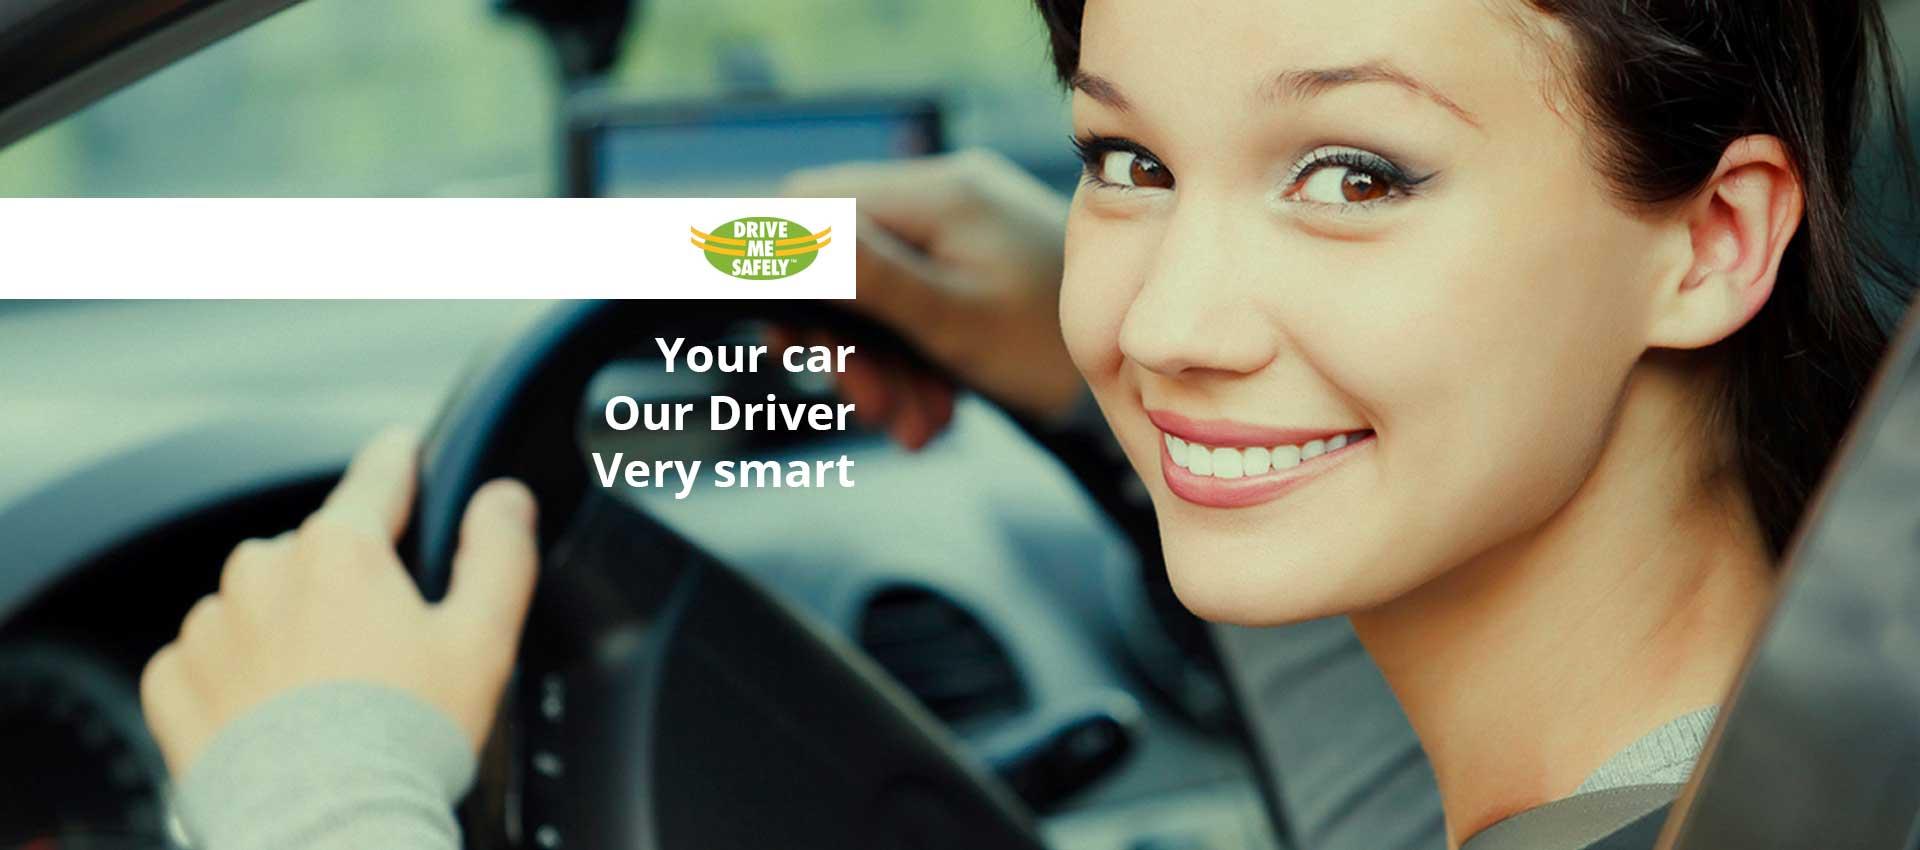 Thông tin tổng quan, khó khăn và kết quả đạt được của dự án DriveMeSafely